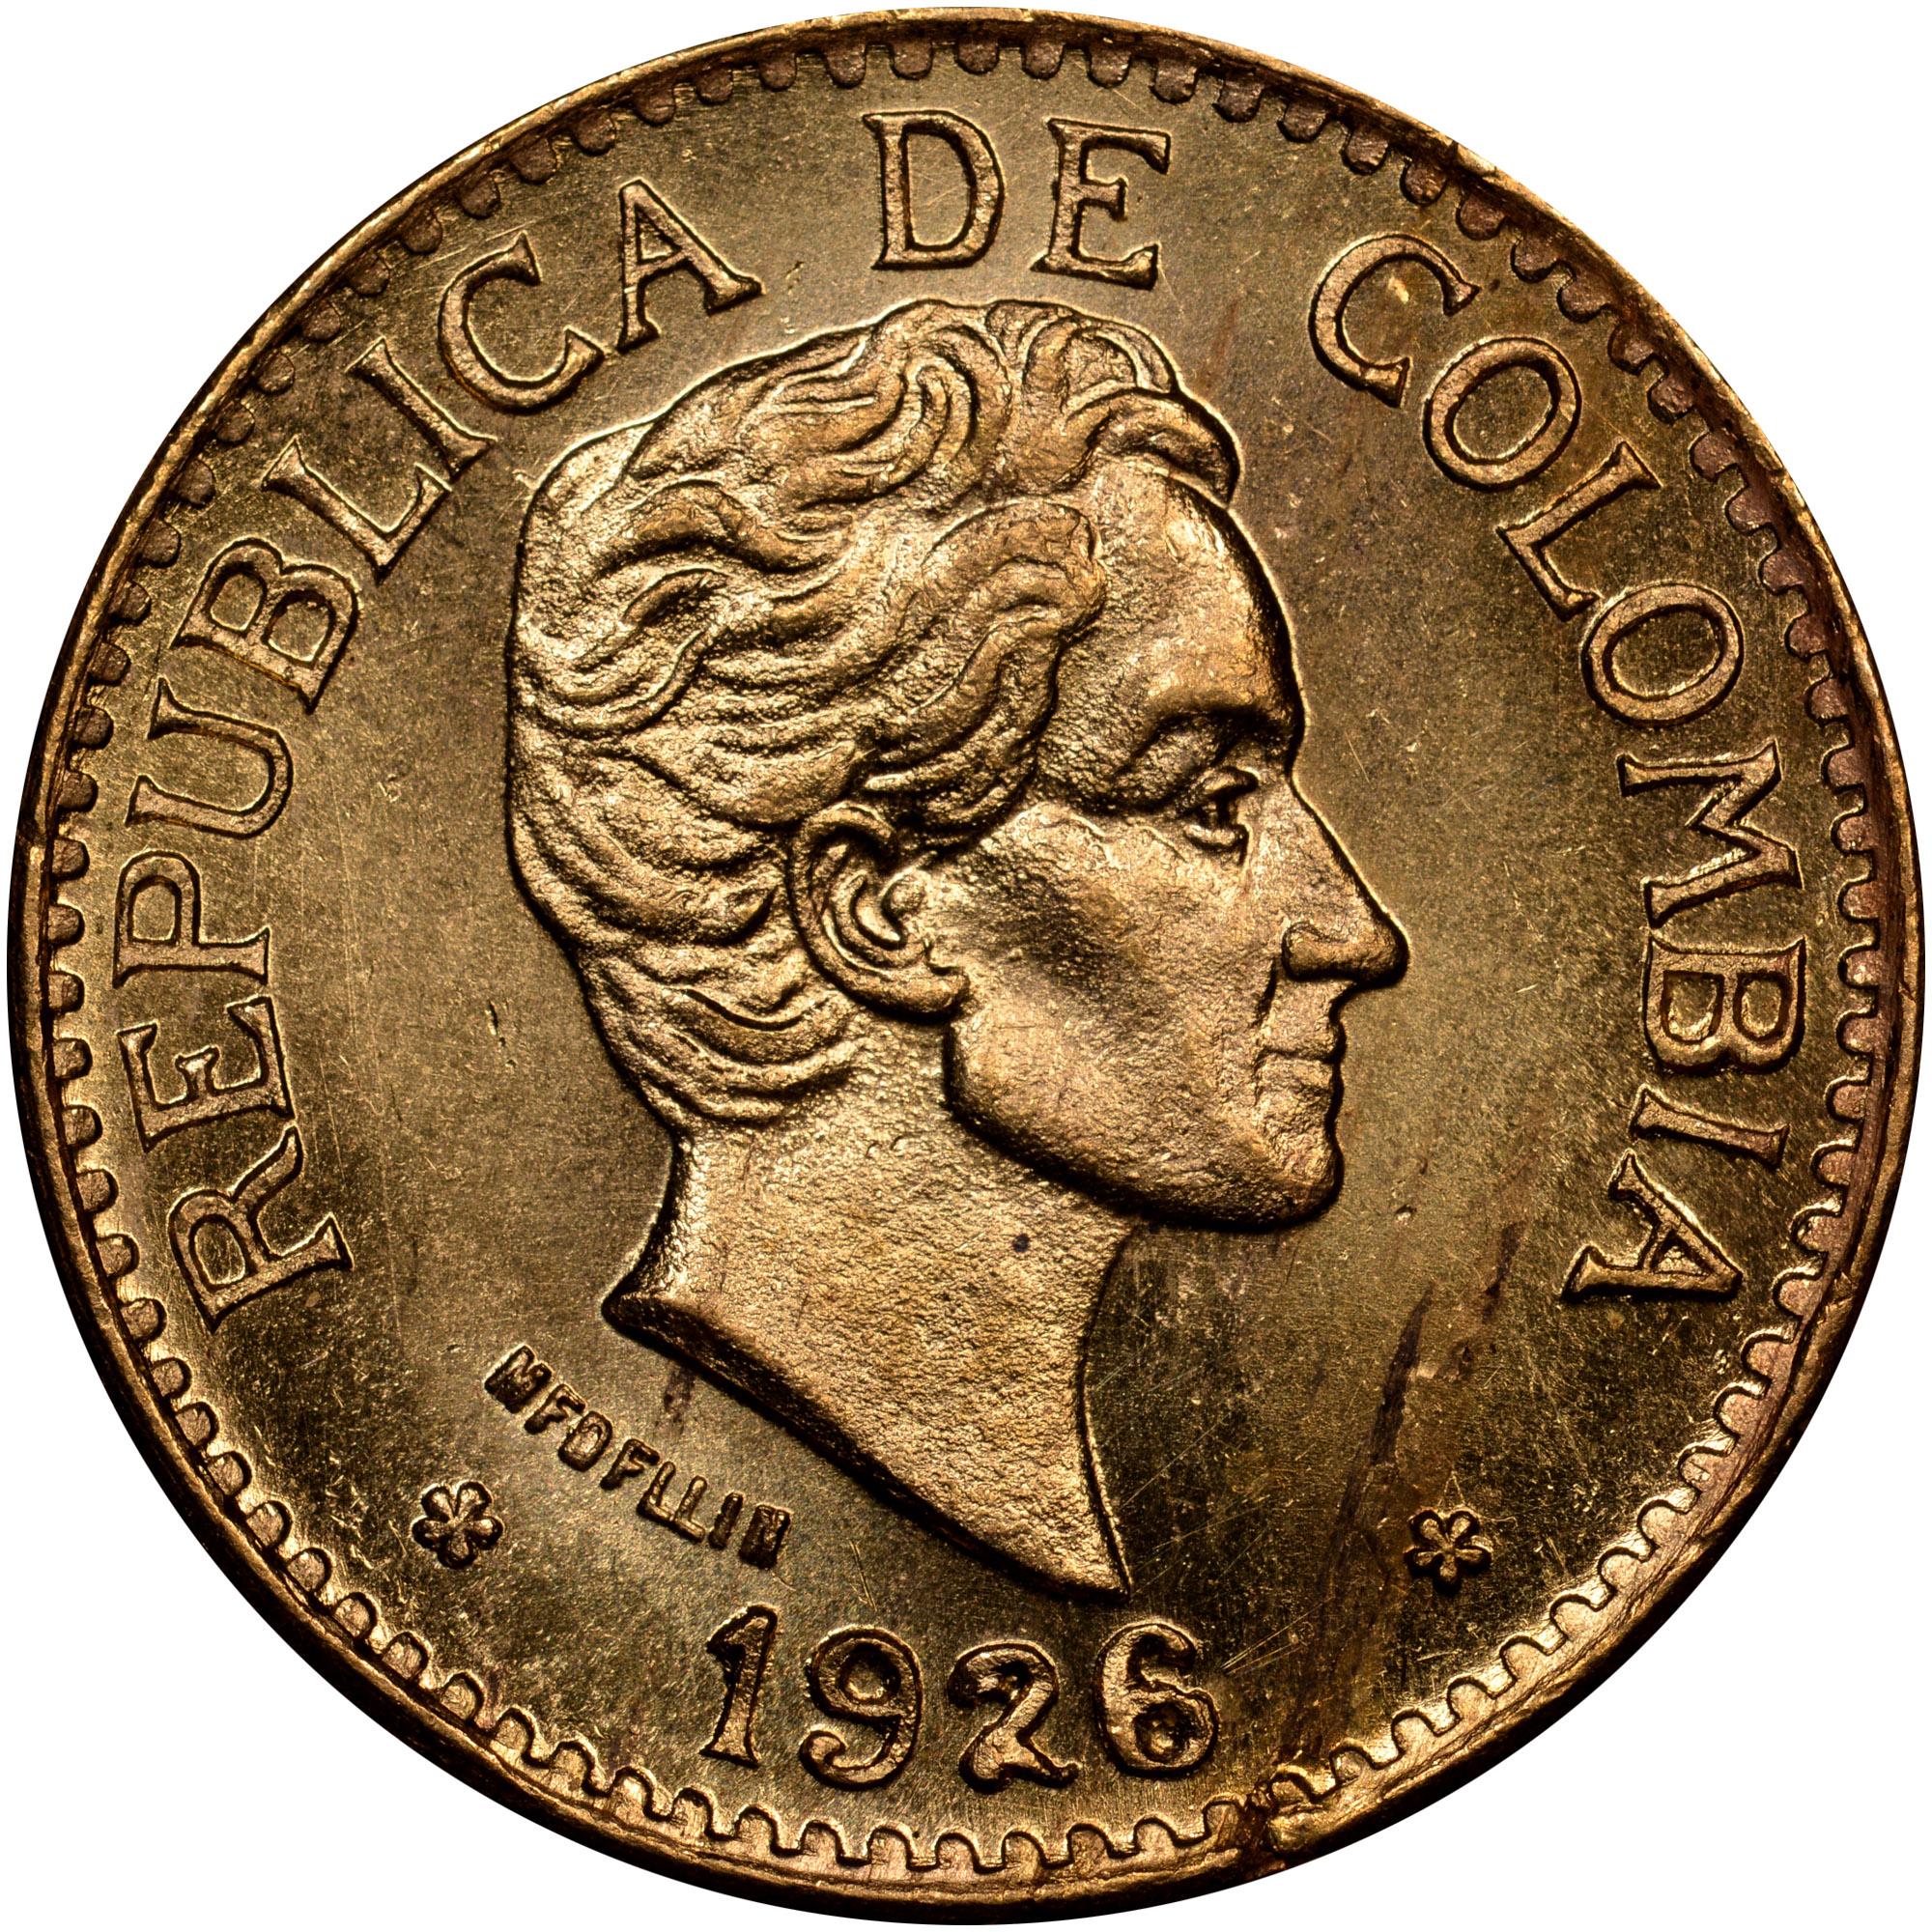 1924-1930 Colombia 5 Pesos obverse